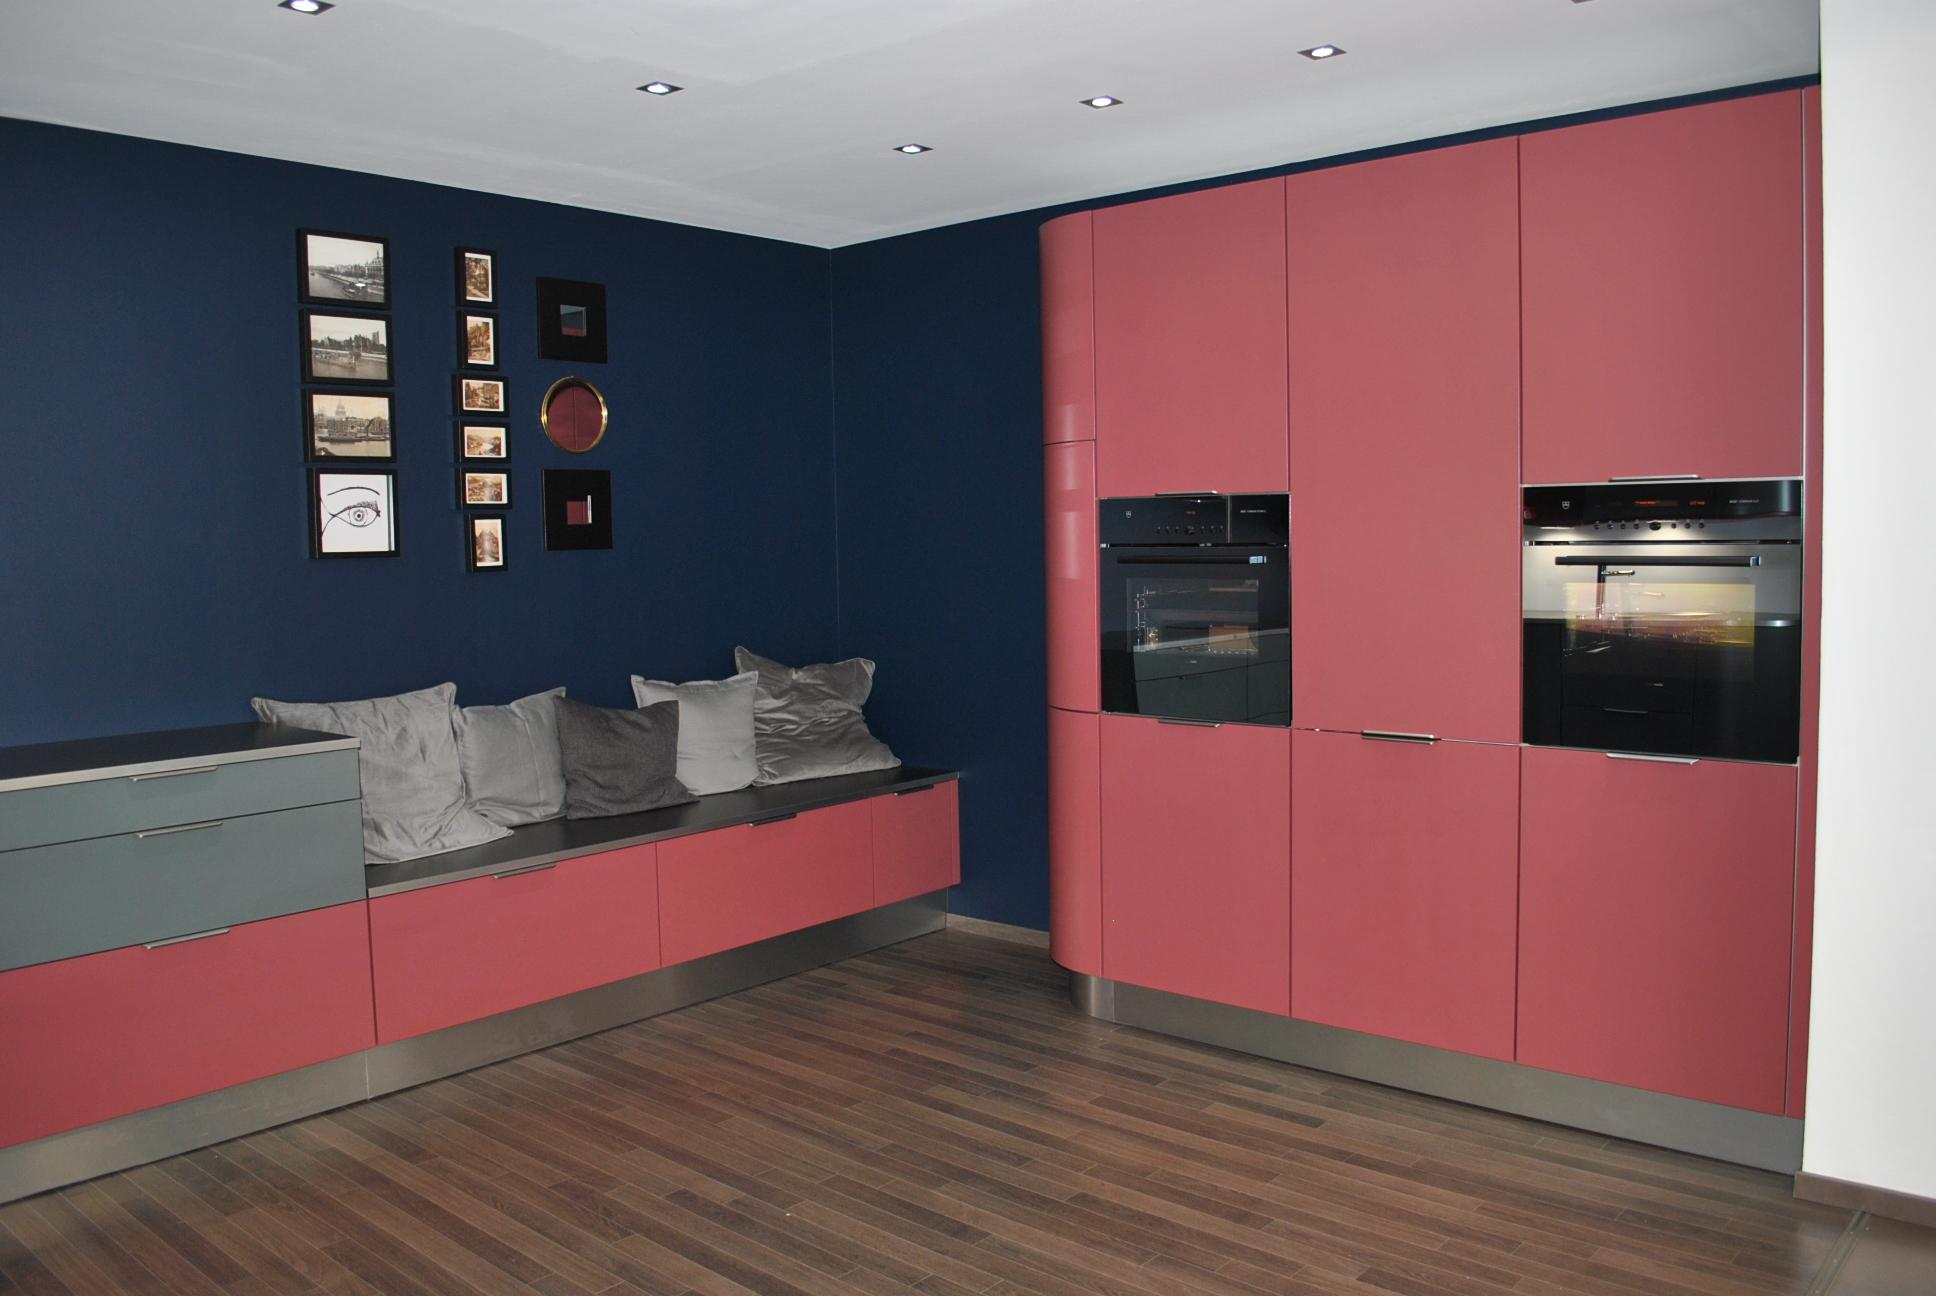 Keukens Antwerpen Prijzen : Project Studio Italiaanse design keukens Comprex